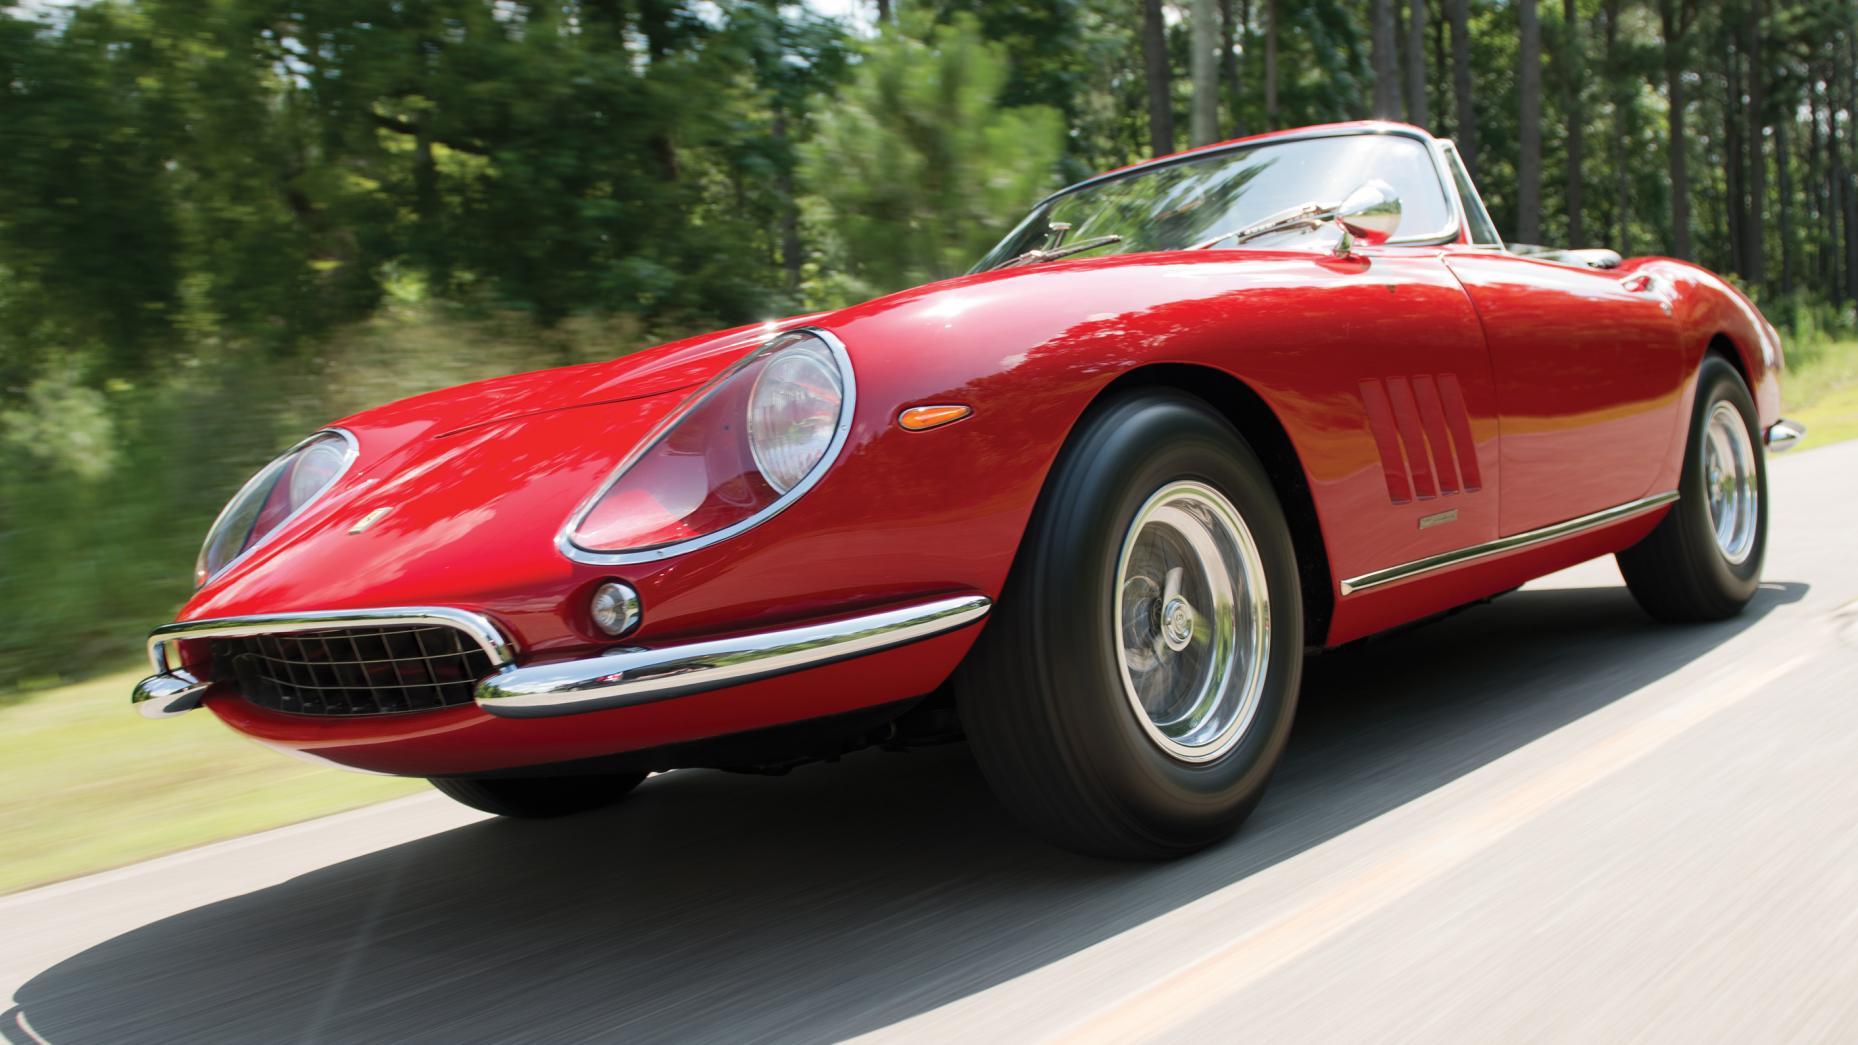 1967 Ferrari 275 GTB 4S NART Spider